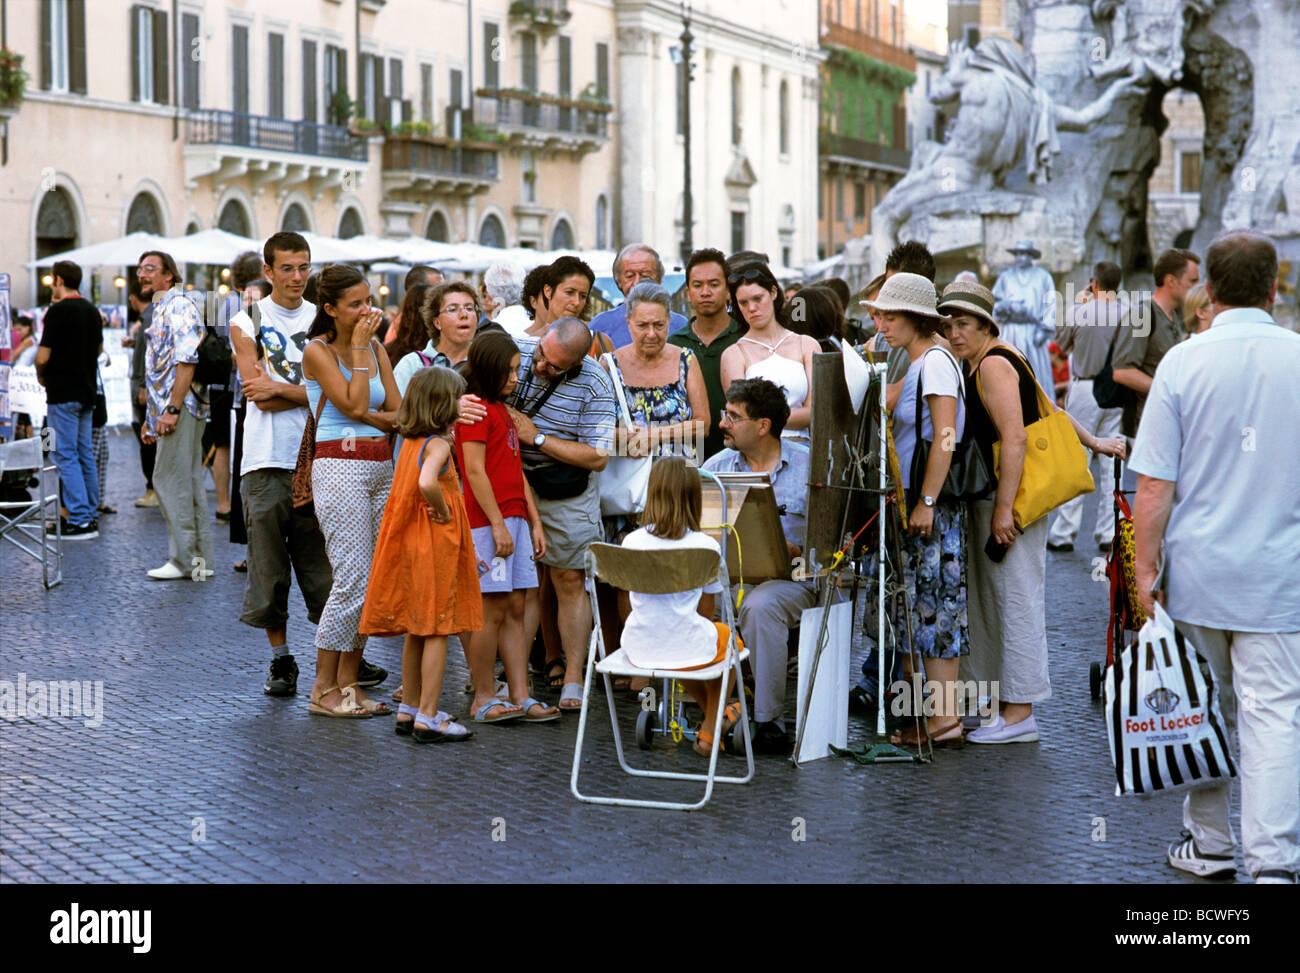 Menschen zeichnen ein Portrait eines Mädchens in einer Gruppe, Piazza Navona, Rom, Lazio, Italien, Europa Stockbild